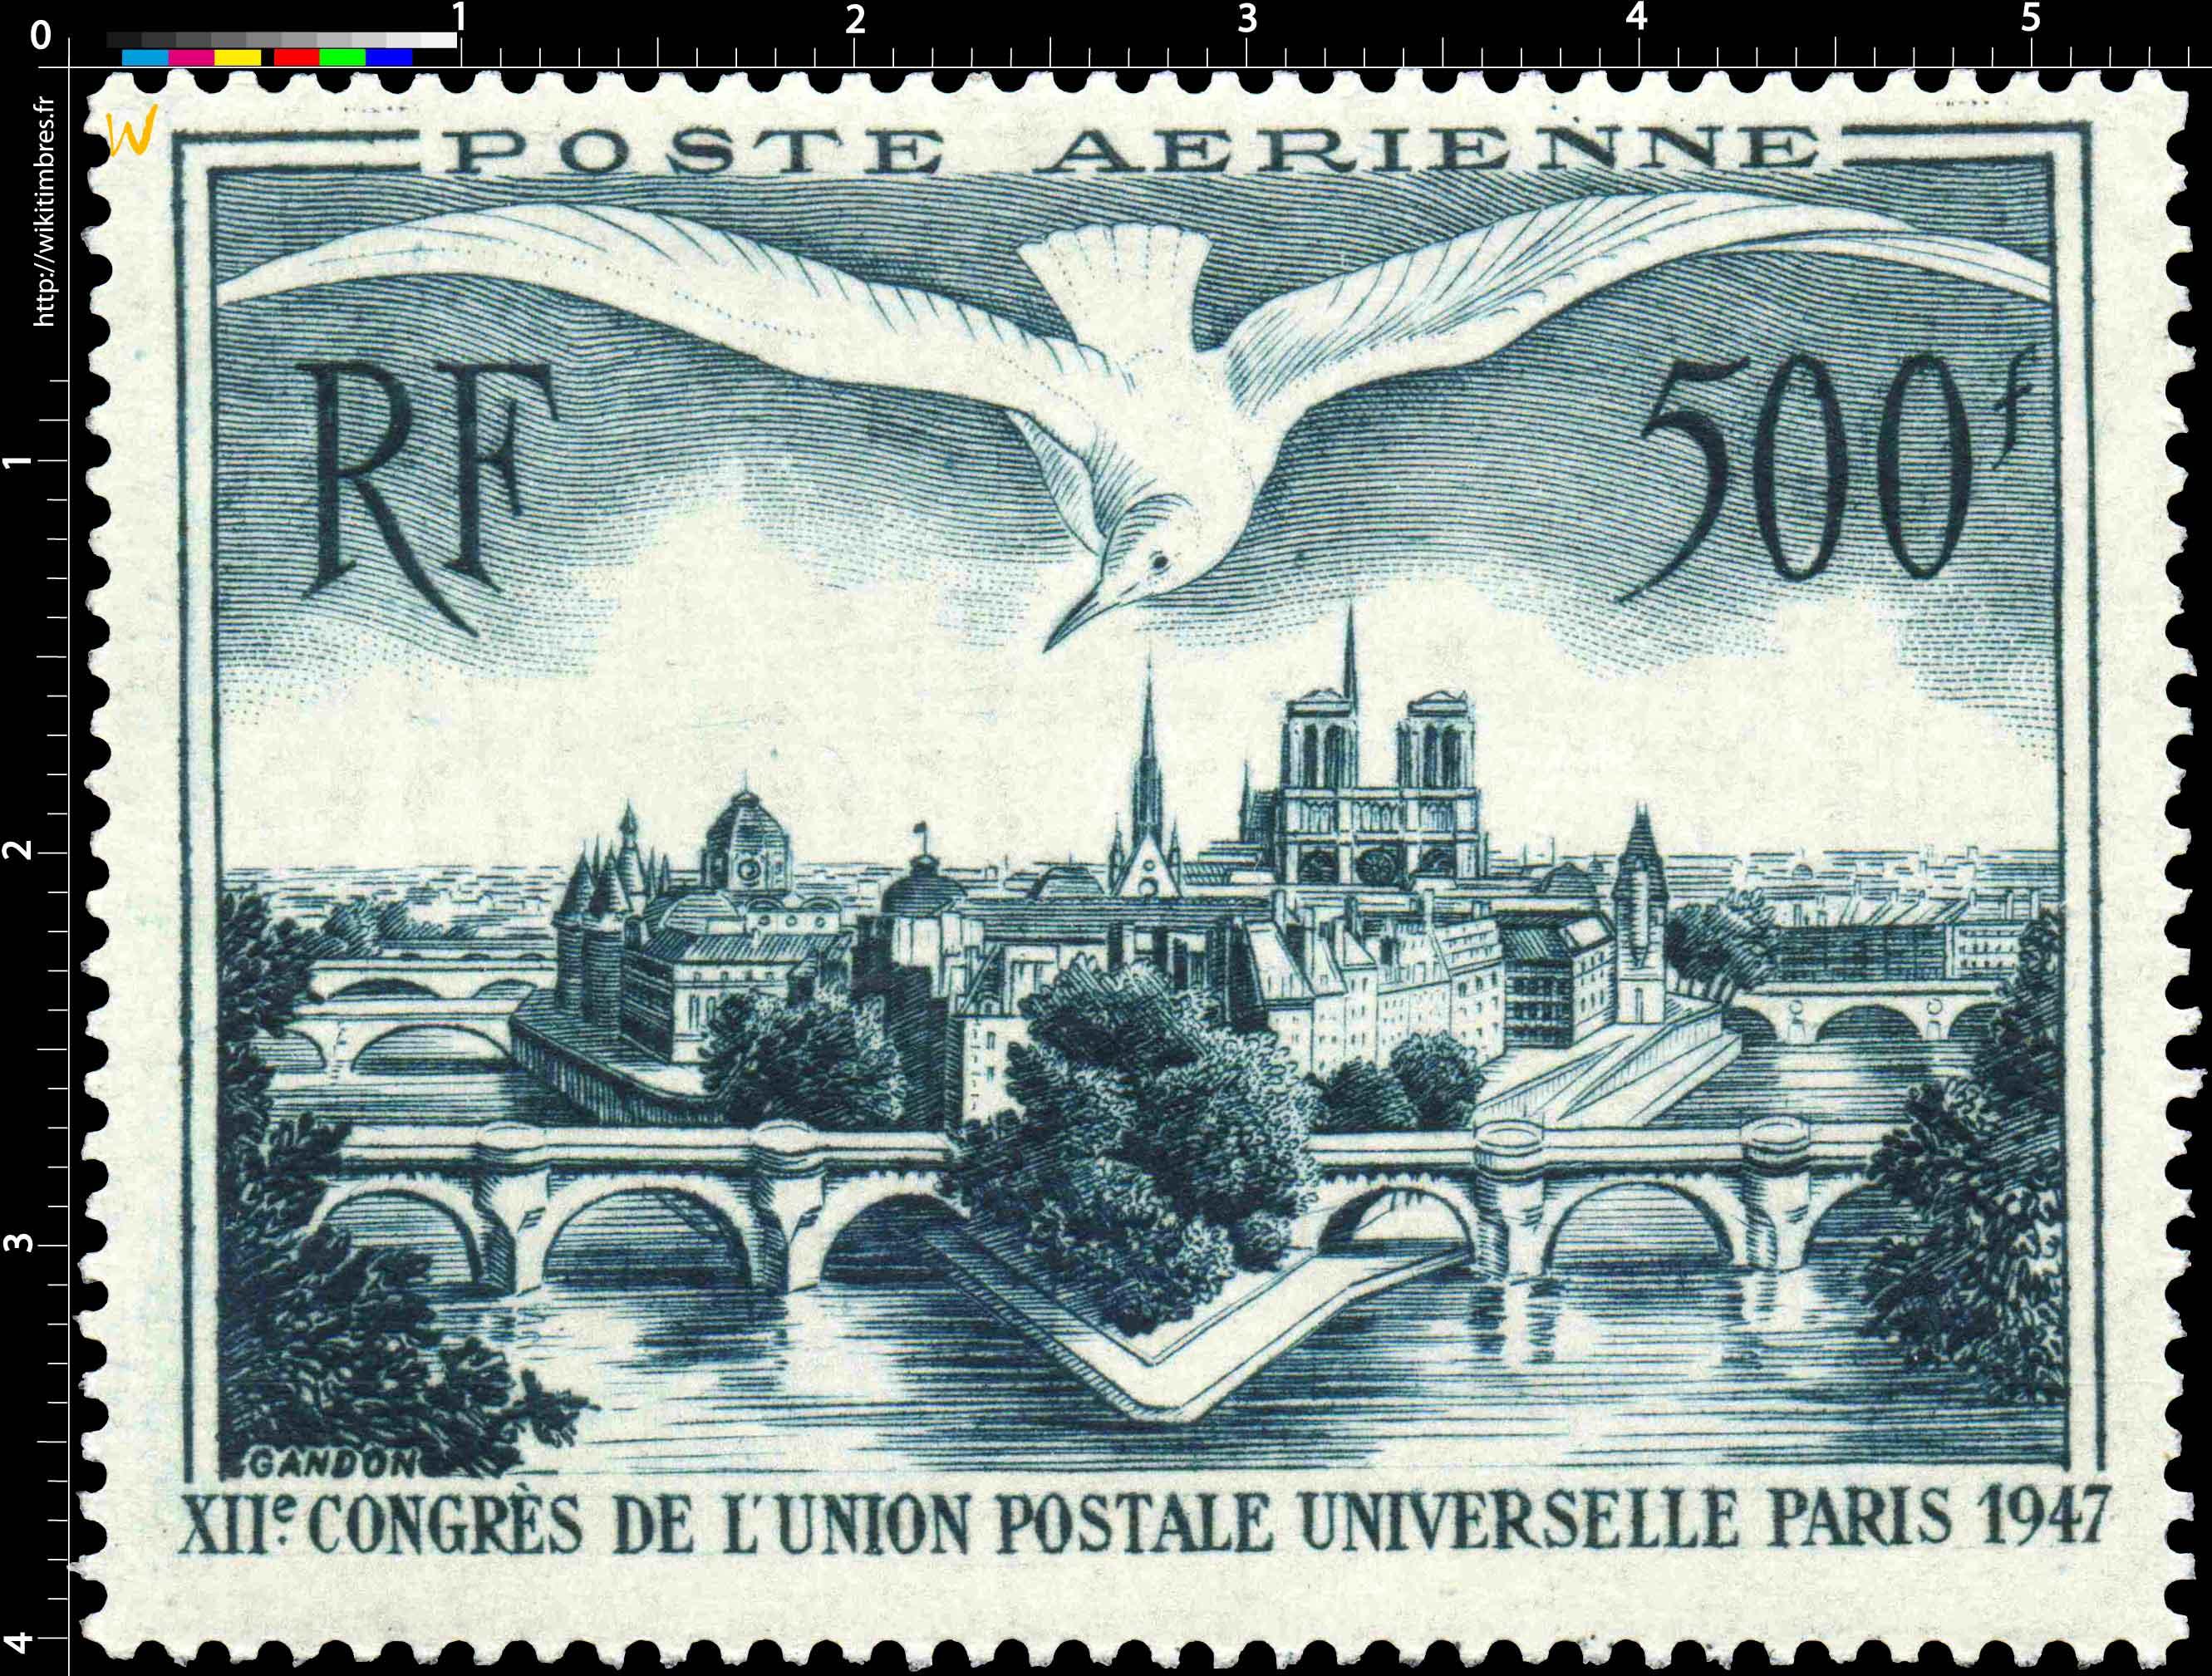 XIIe CONGRÈS DE L'UNION POSTALE UNIVERSELLE PARIS 1947